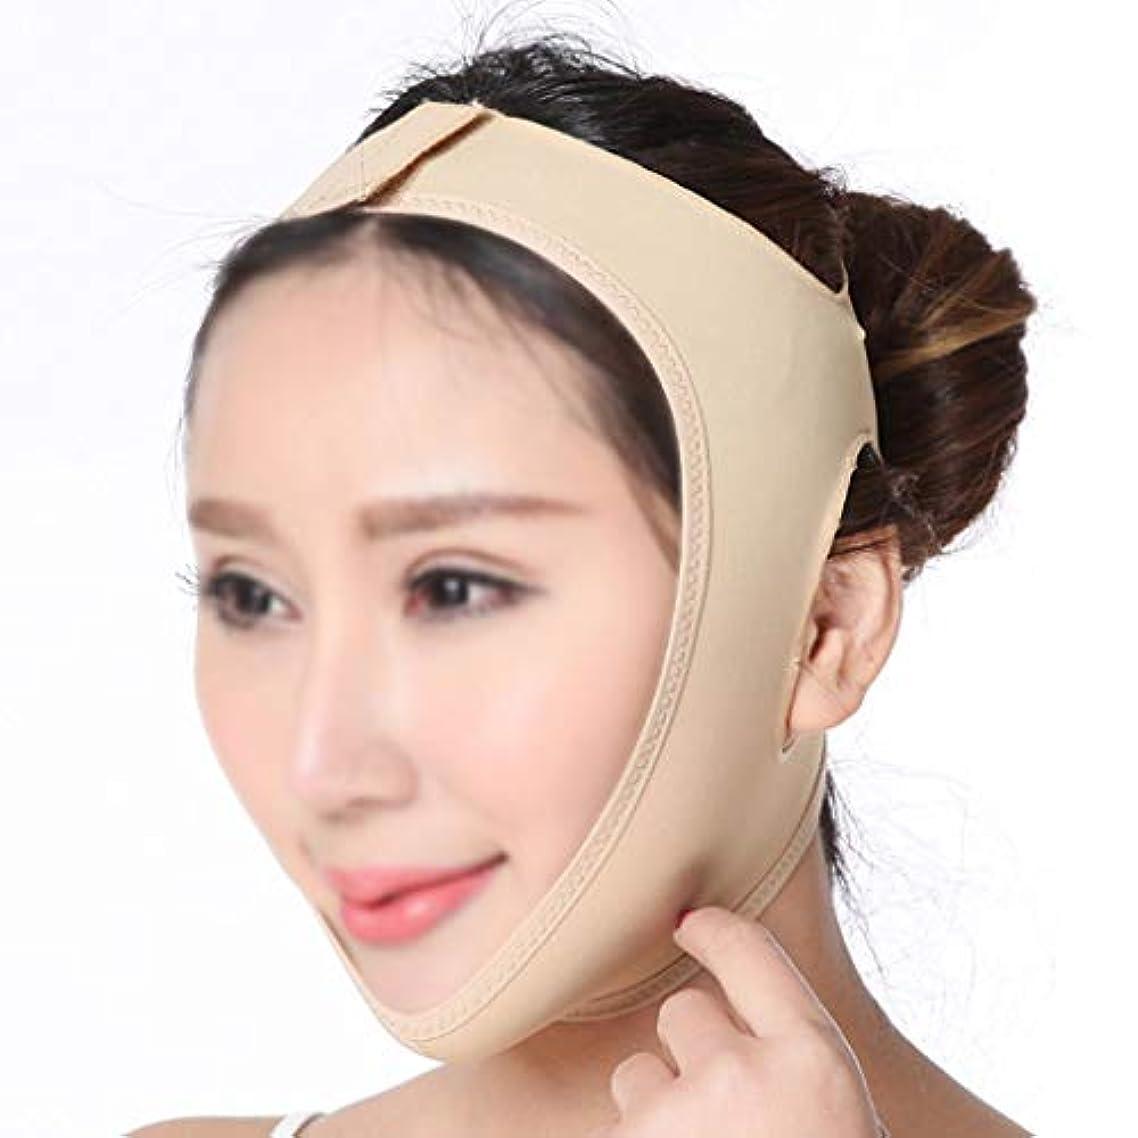 ウール高揚したパックTLMY 薄い顔のアーティファクトVマスク薄い顔の包帯/顔の引き締め痩身包帯通気性二重あご減量マスク 顔用整形マスク (Size : L)